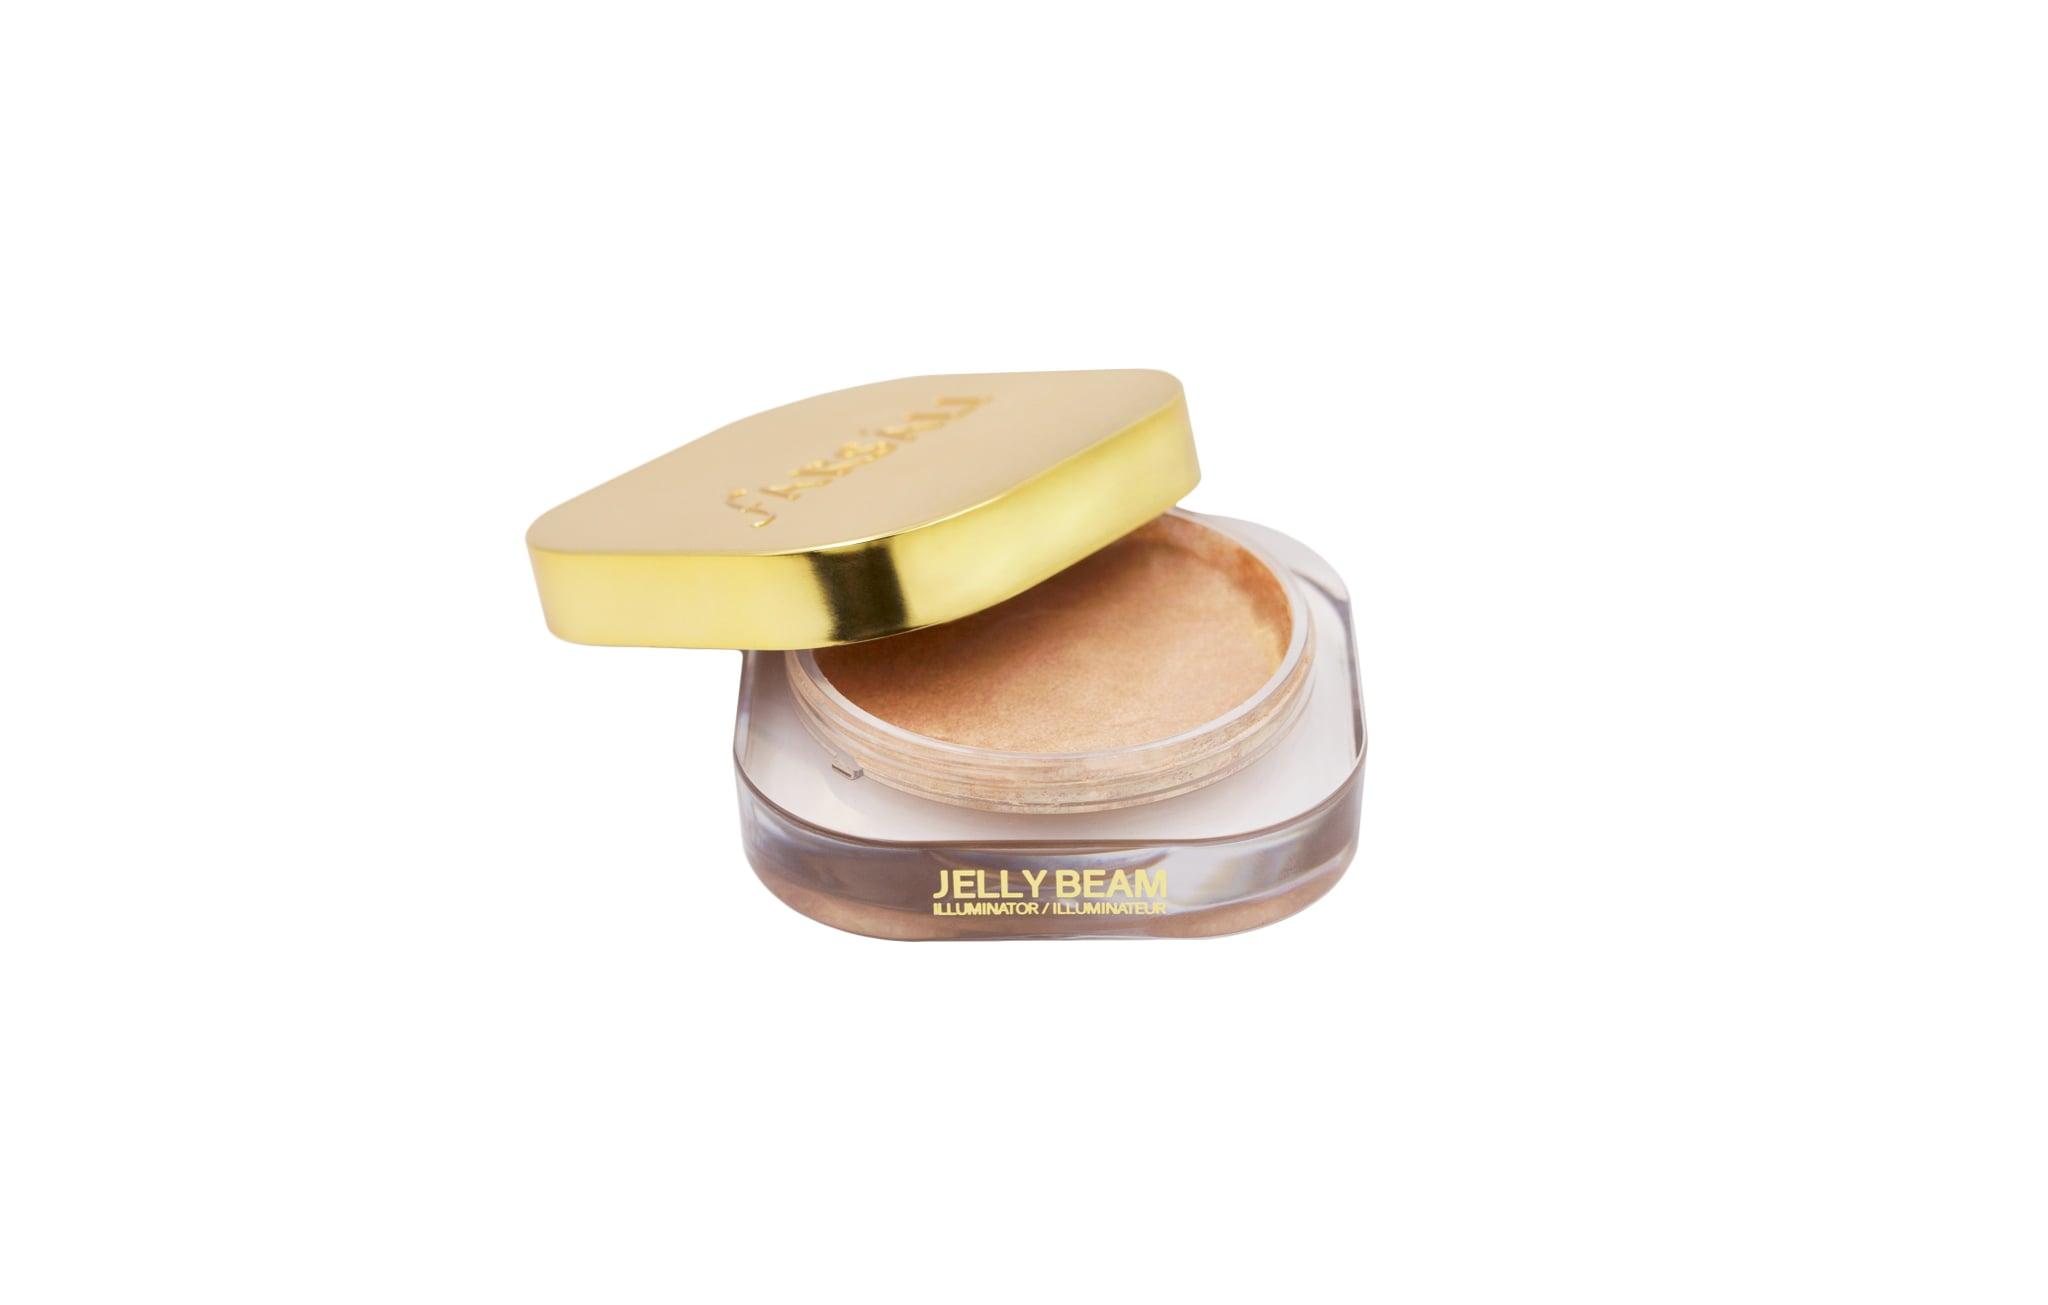 Farsali Jelly Beam Highlighter Popsugar Beauty